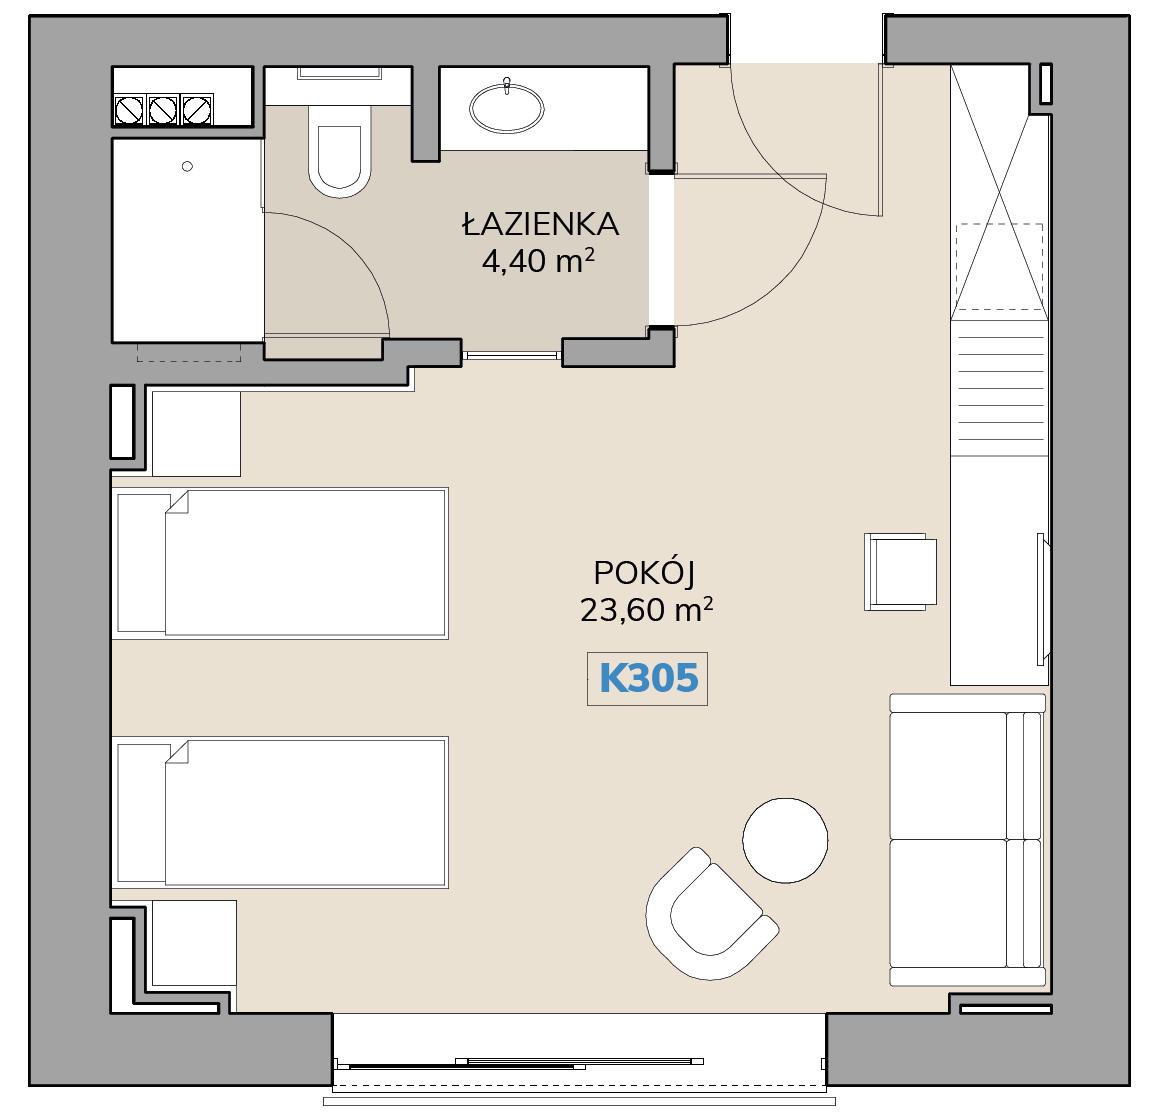 Apartament K305